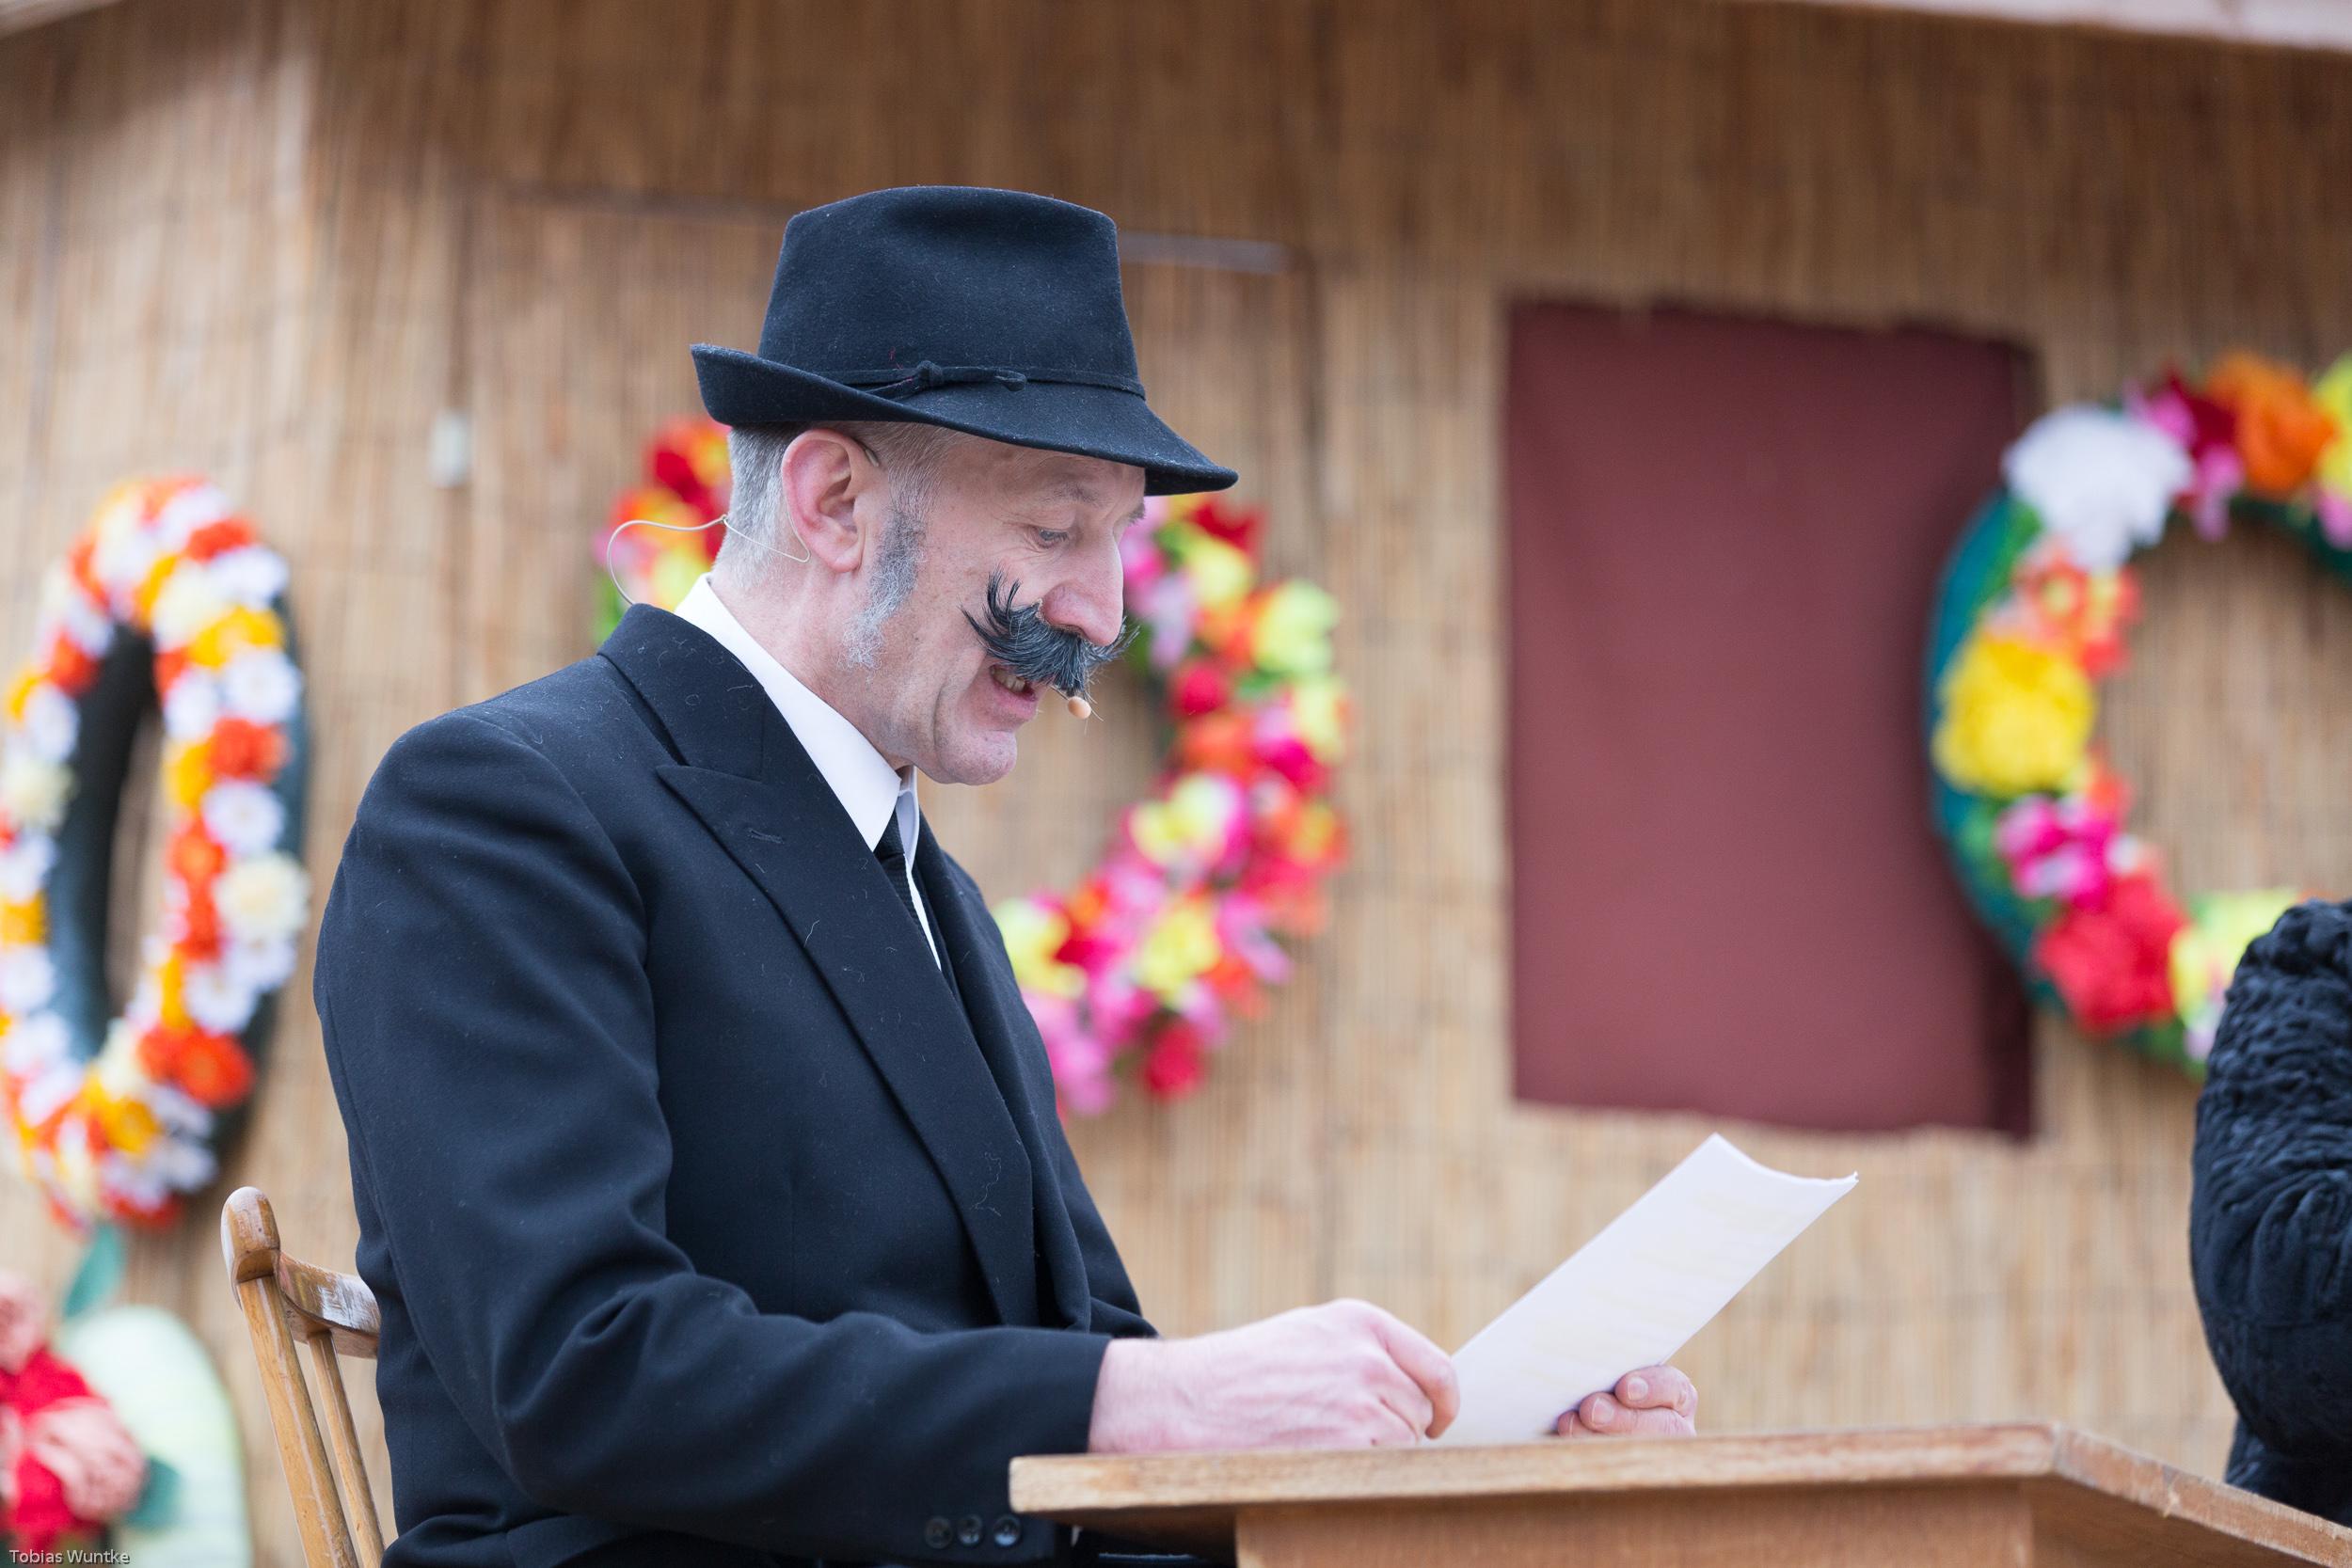 Der Notar verliest das Erbe während dem Theaterstück